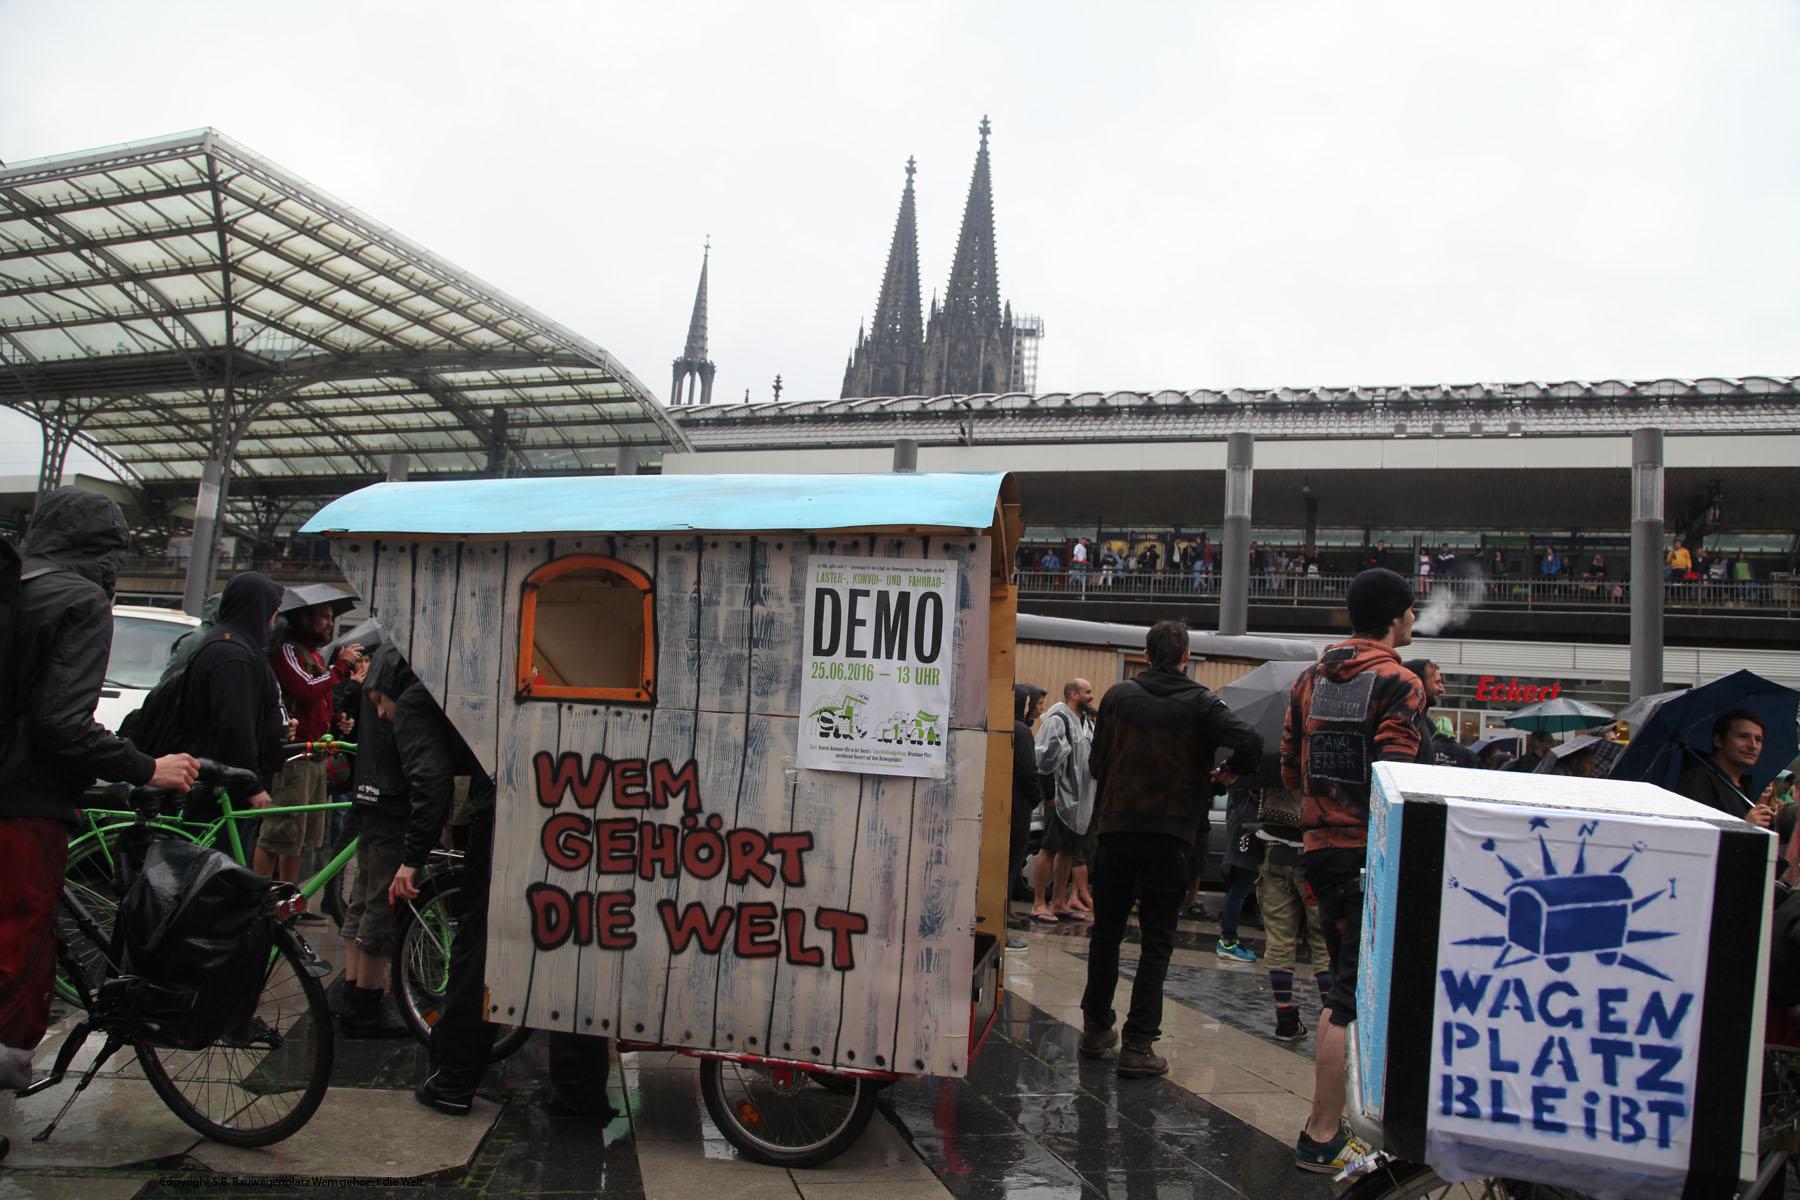 Wagenplatz Köln Demo 2016